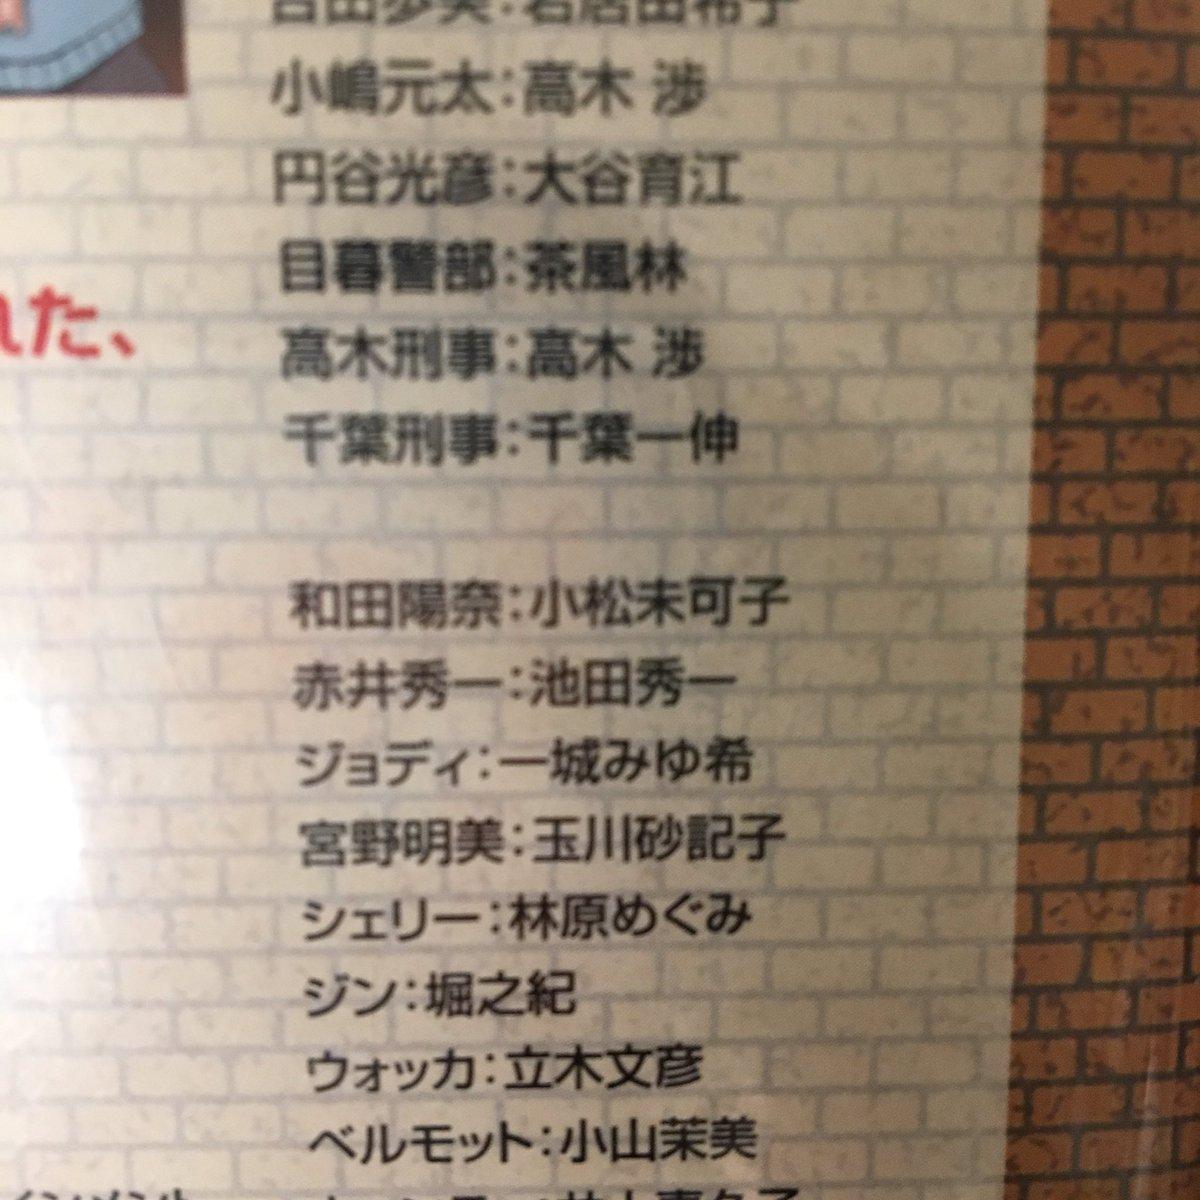 タワーレコード神戸店 على تويتر 神戸アニメ部 コミック 名